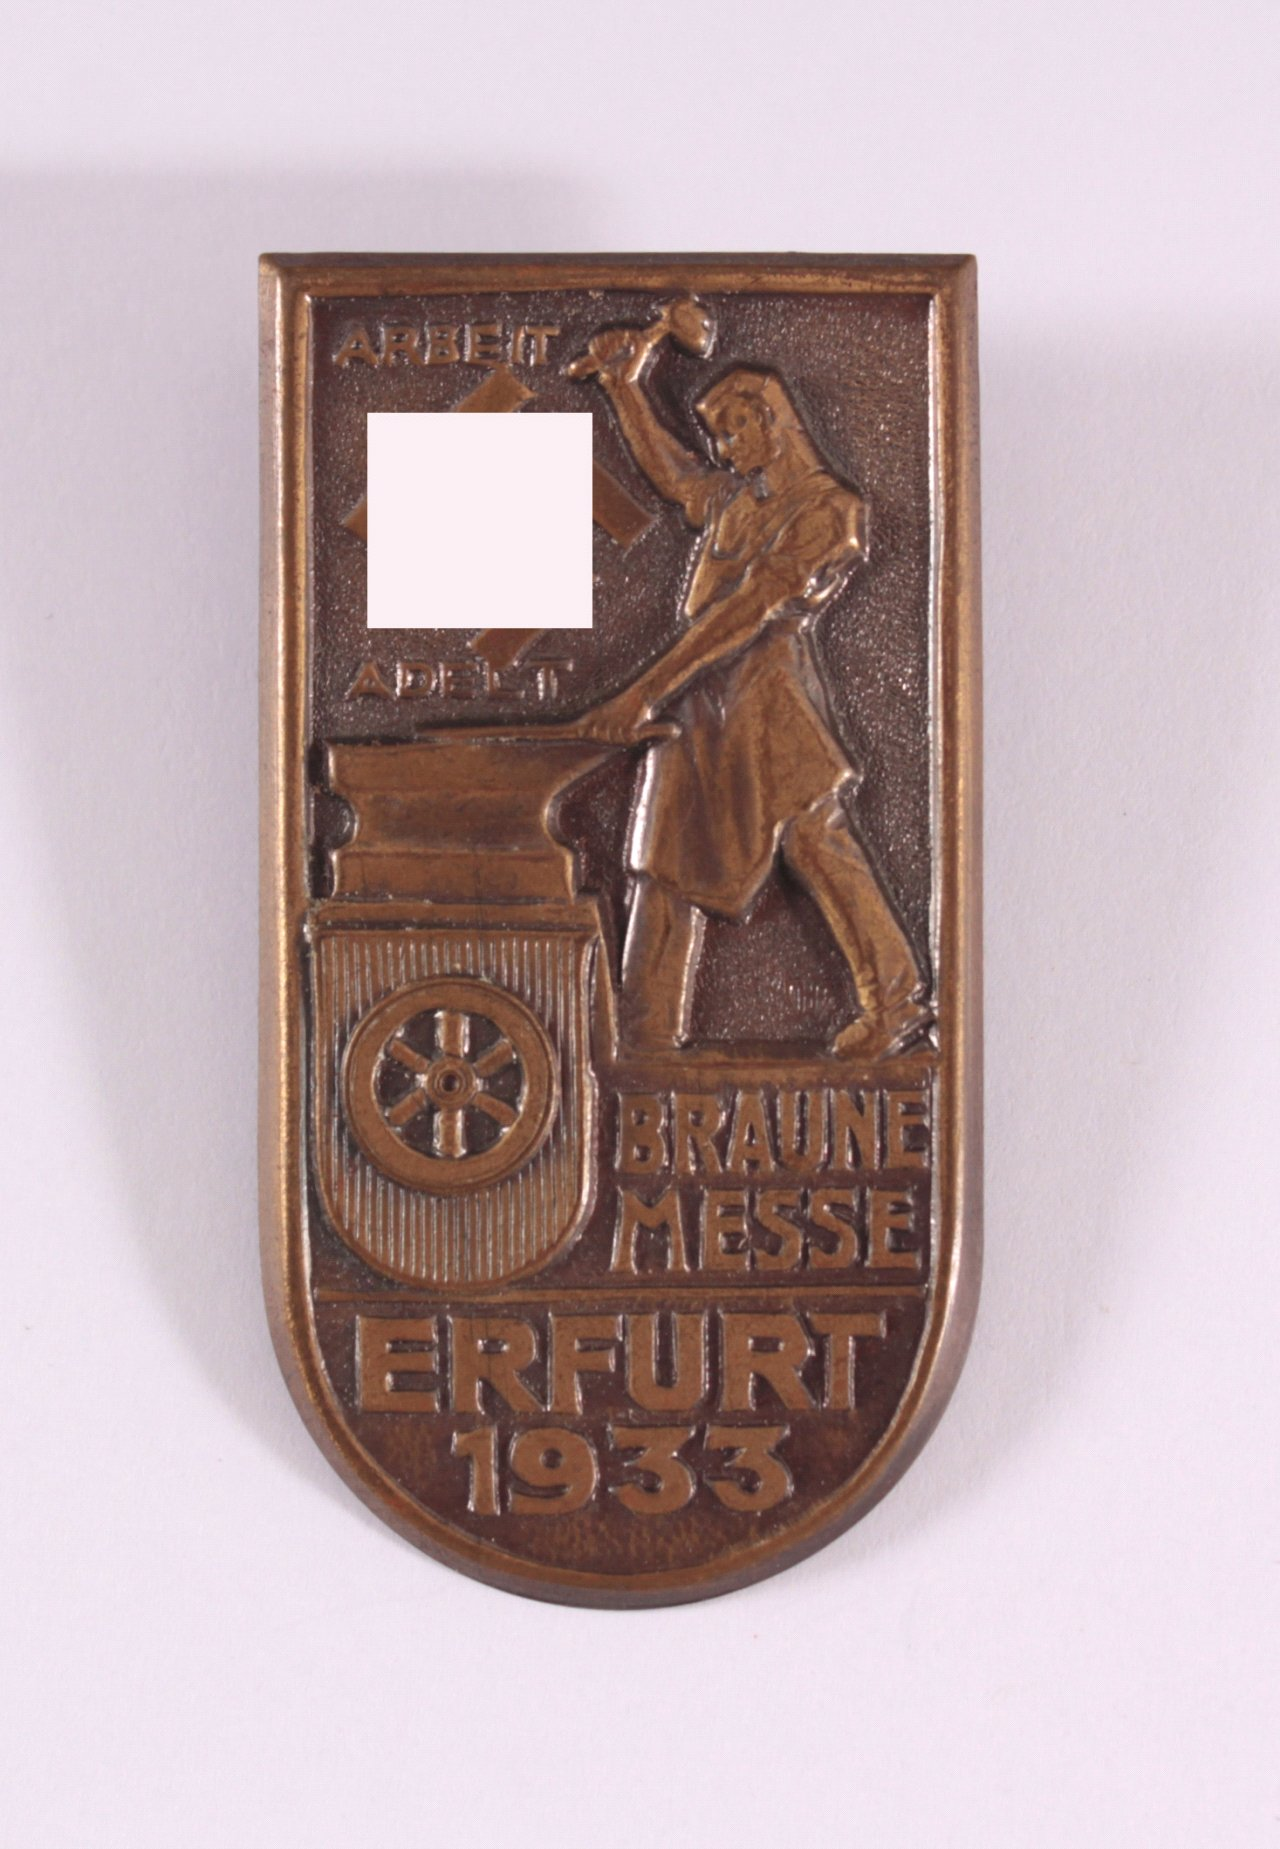 Abzeichen Braune Messe Erfurt 1933